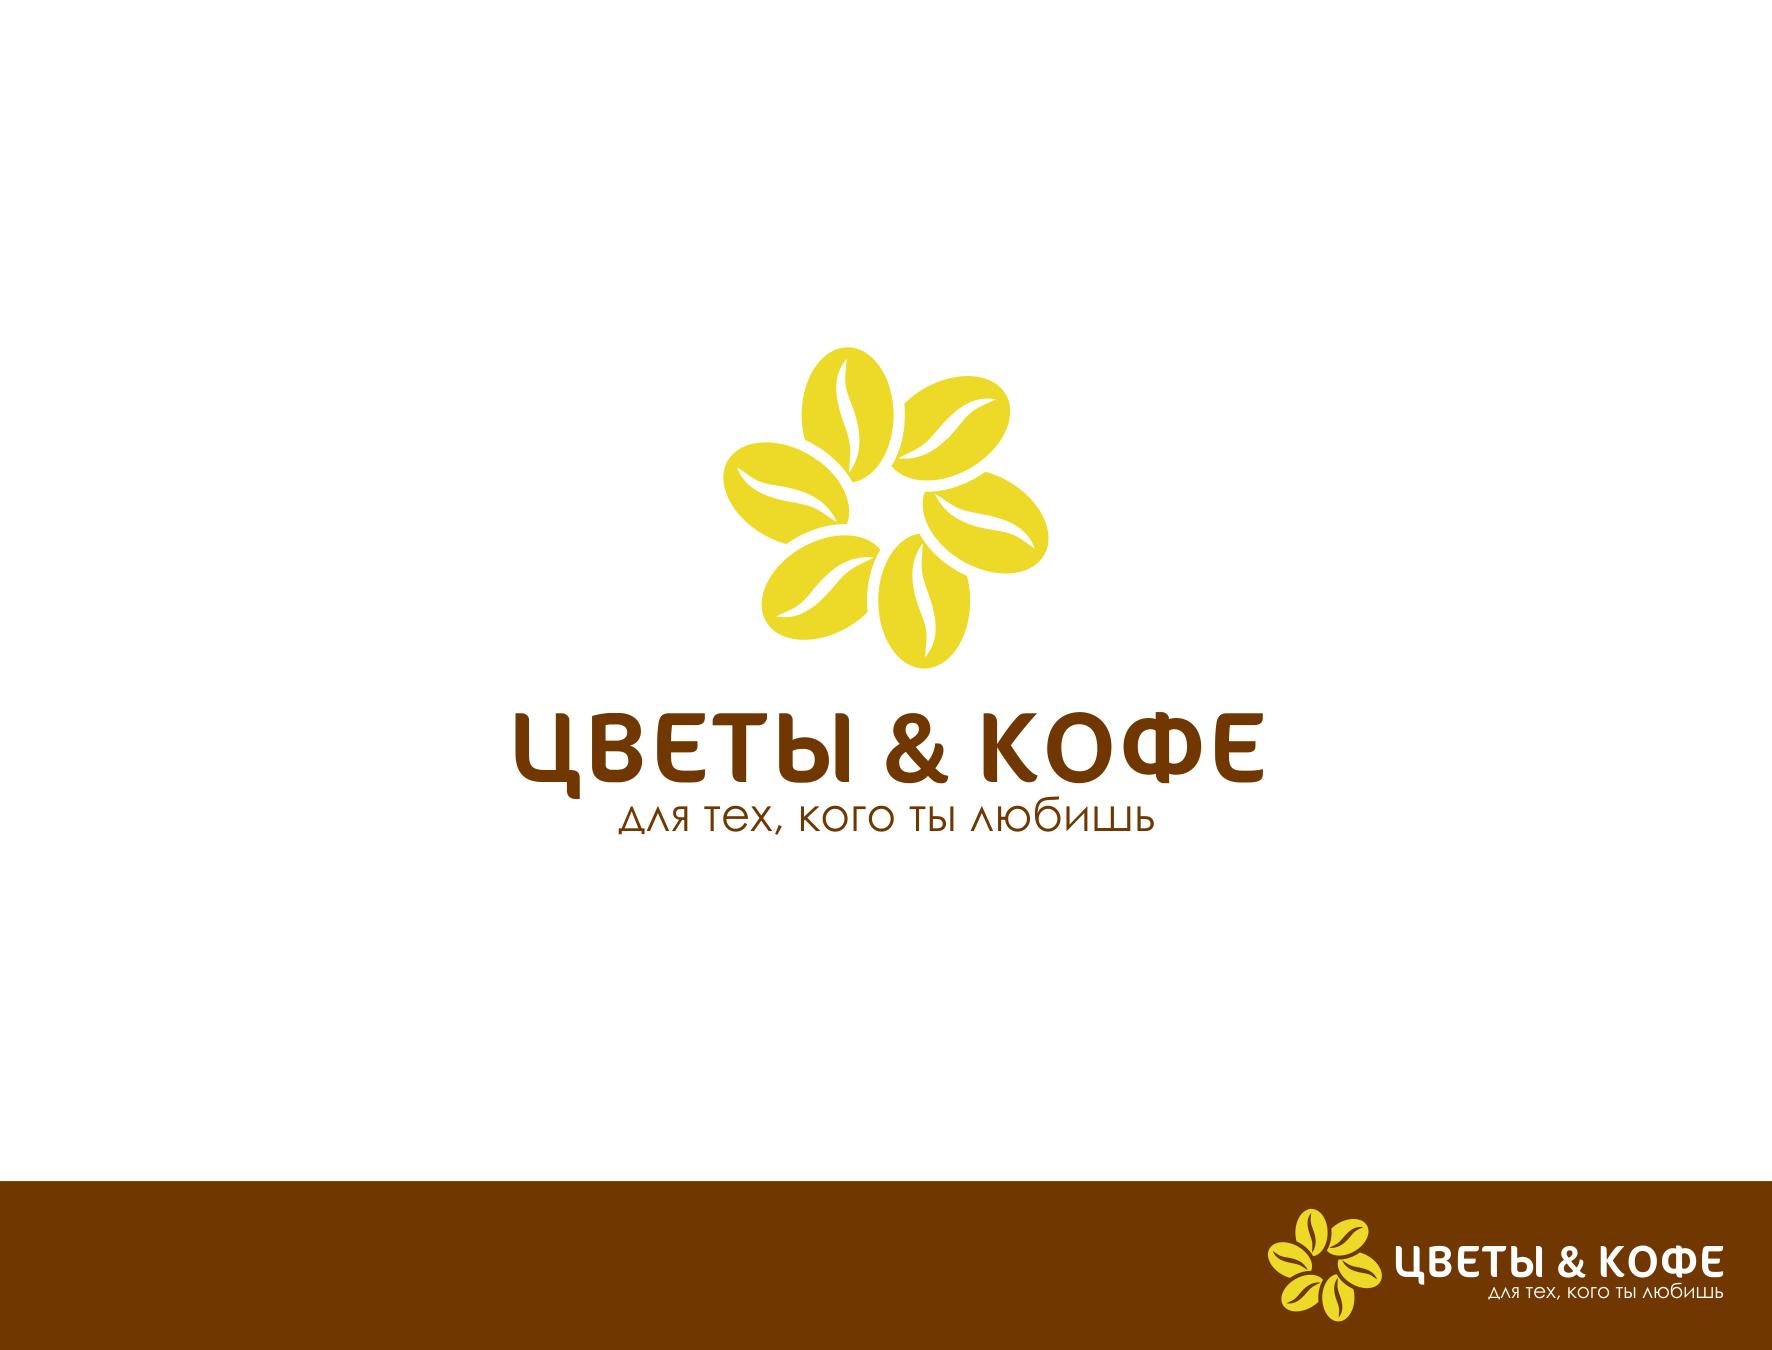 Логотип для ЦВЕТОКОД  фото f_9295cffa56e564ef.png